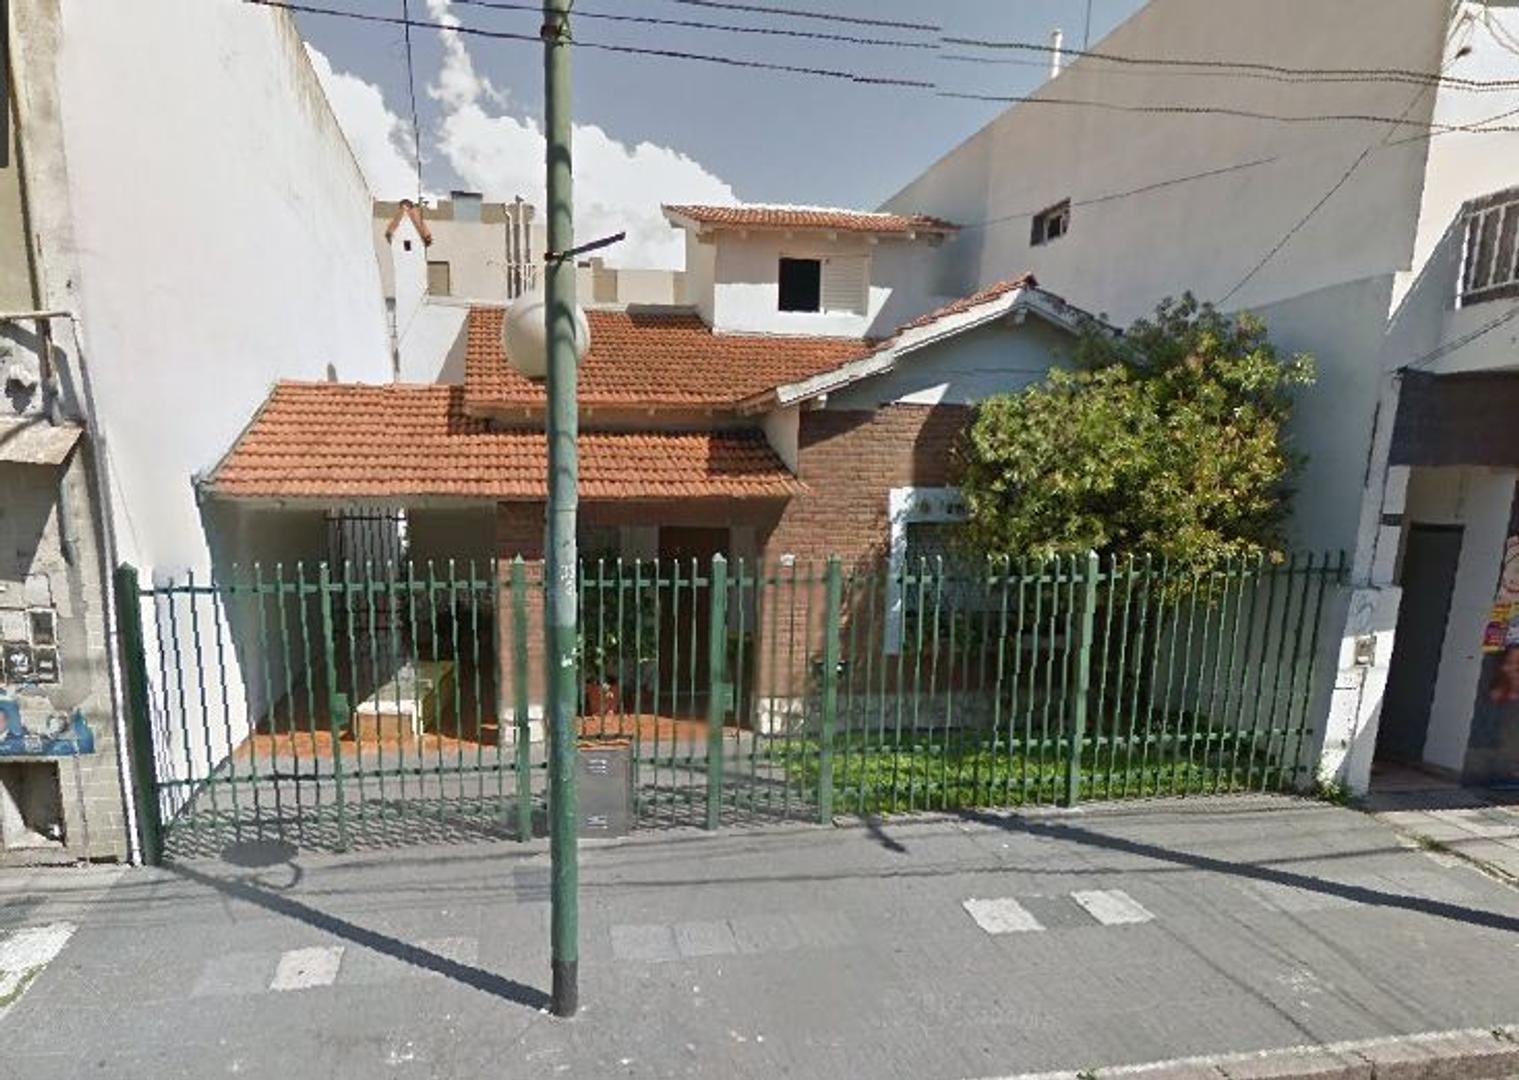 Venta Unico Lote en zona apto edificion 5 pisos ideal construcctores, Munro Vicente Lopez!!!